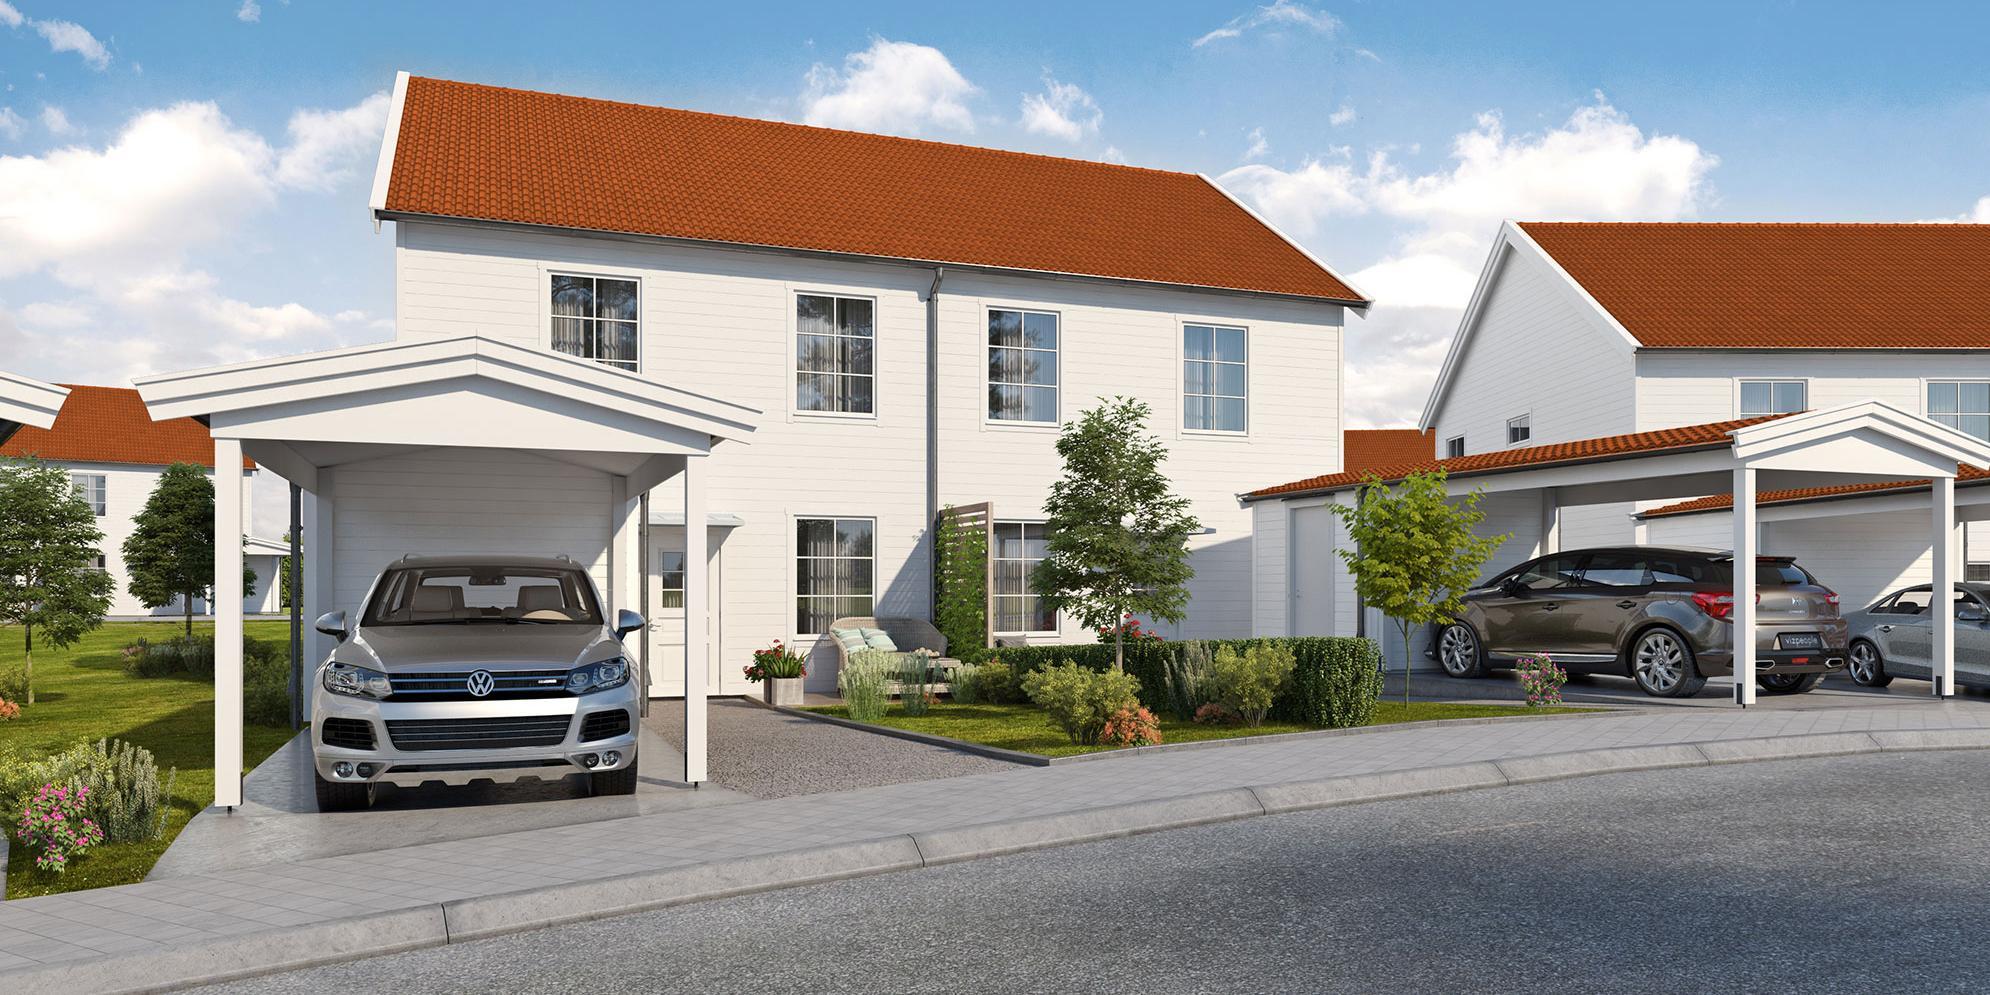 Parhus liknande dem i Uvbergsviken i Borlänge vill Framfast nu också bygga i Gustafs.